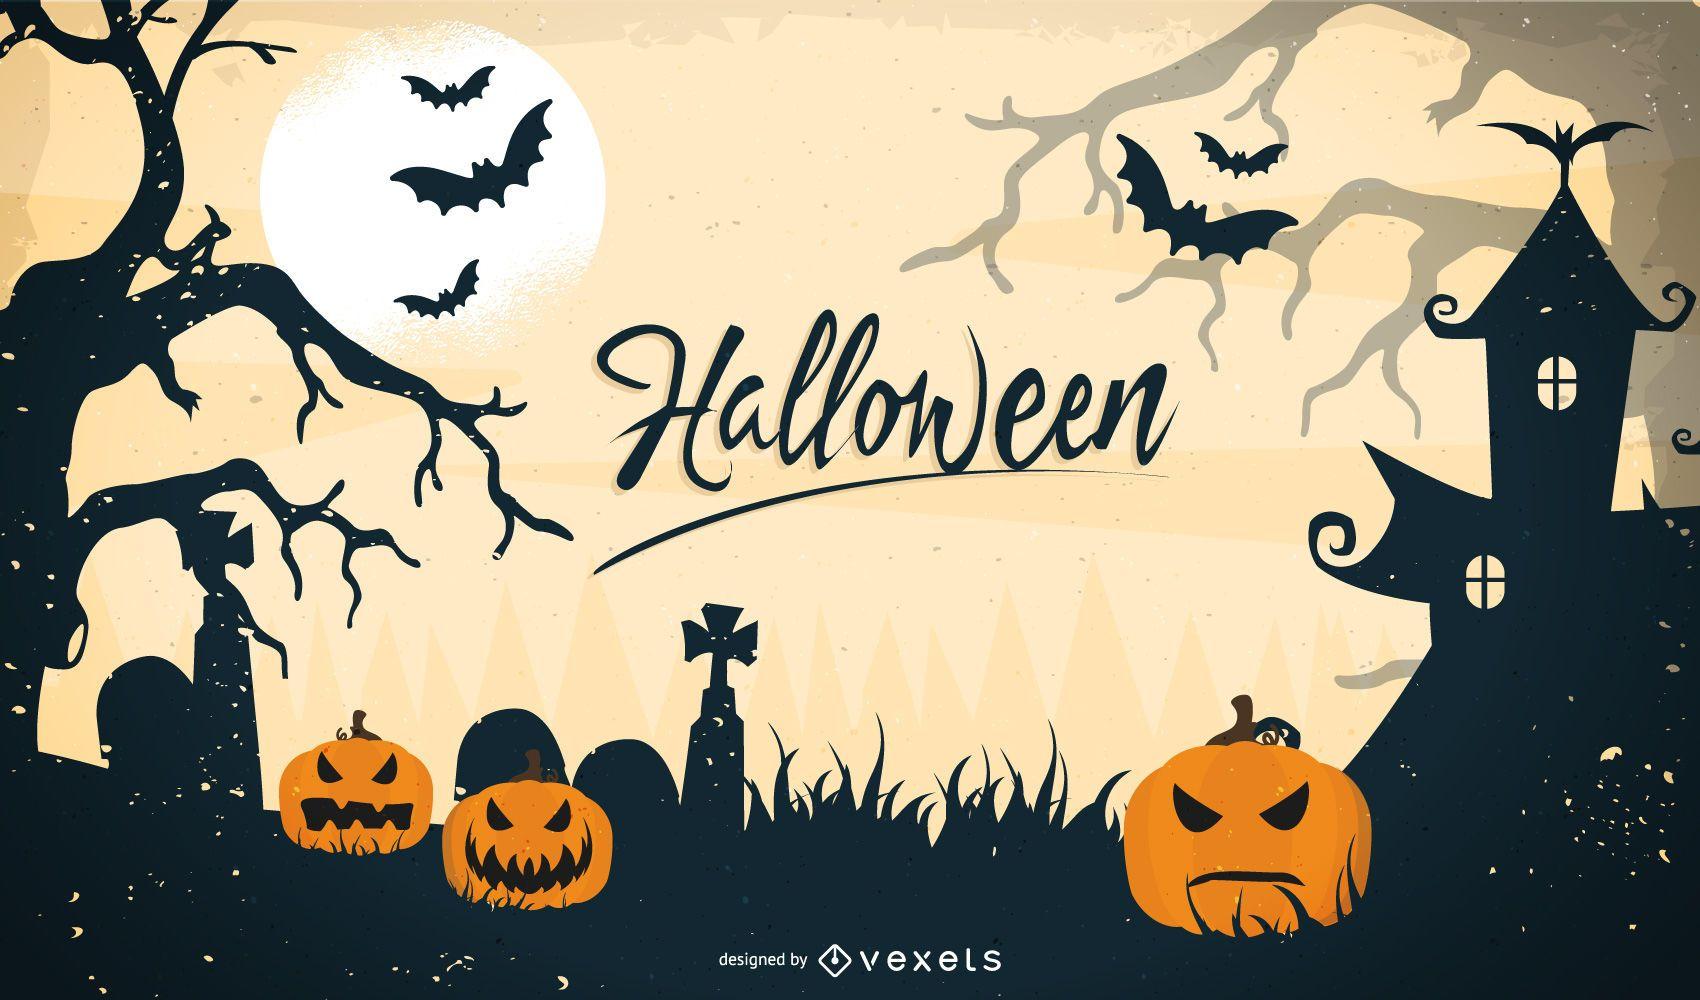 Escena de Halloween de calabaza espeluznante